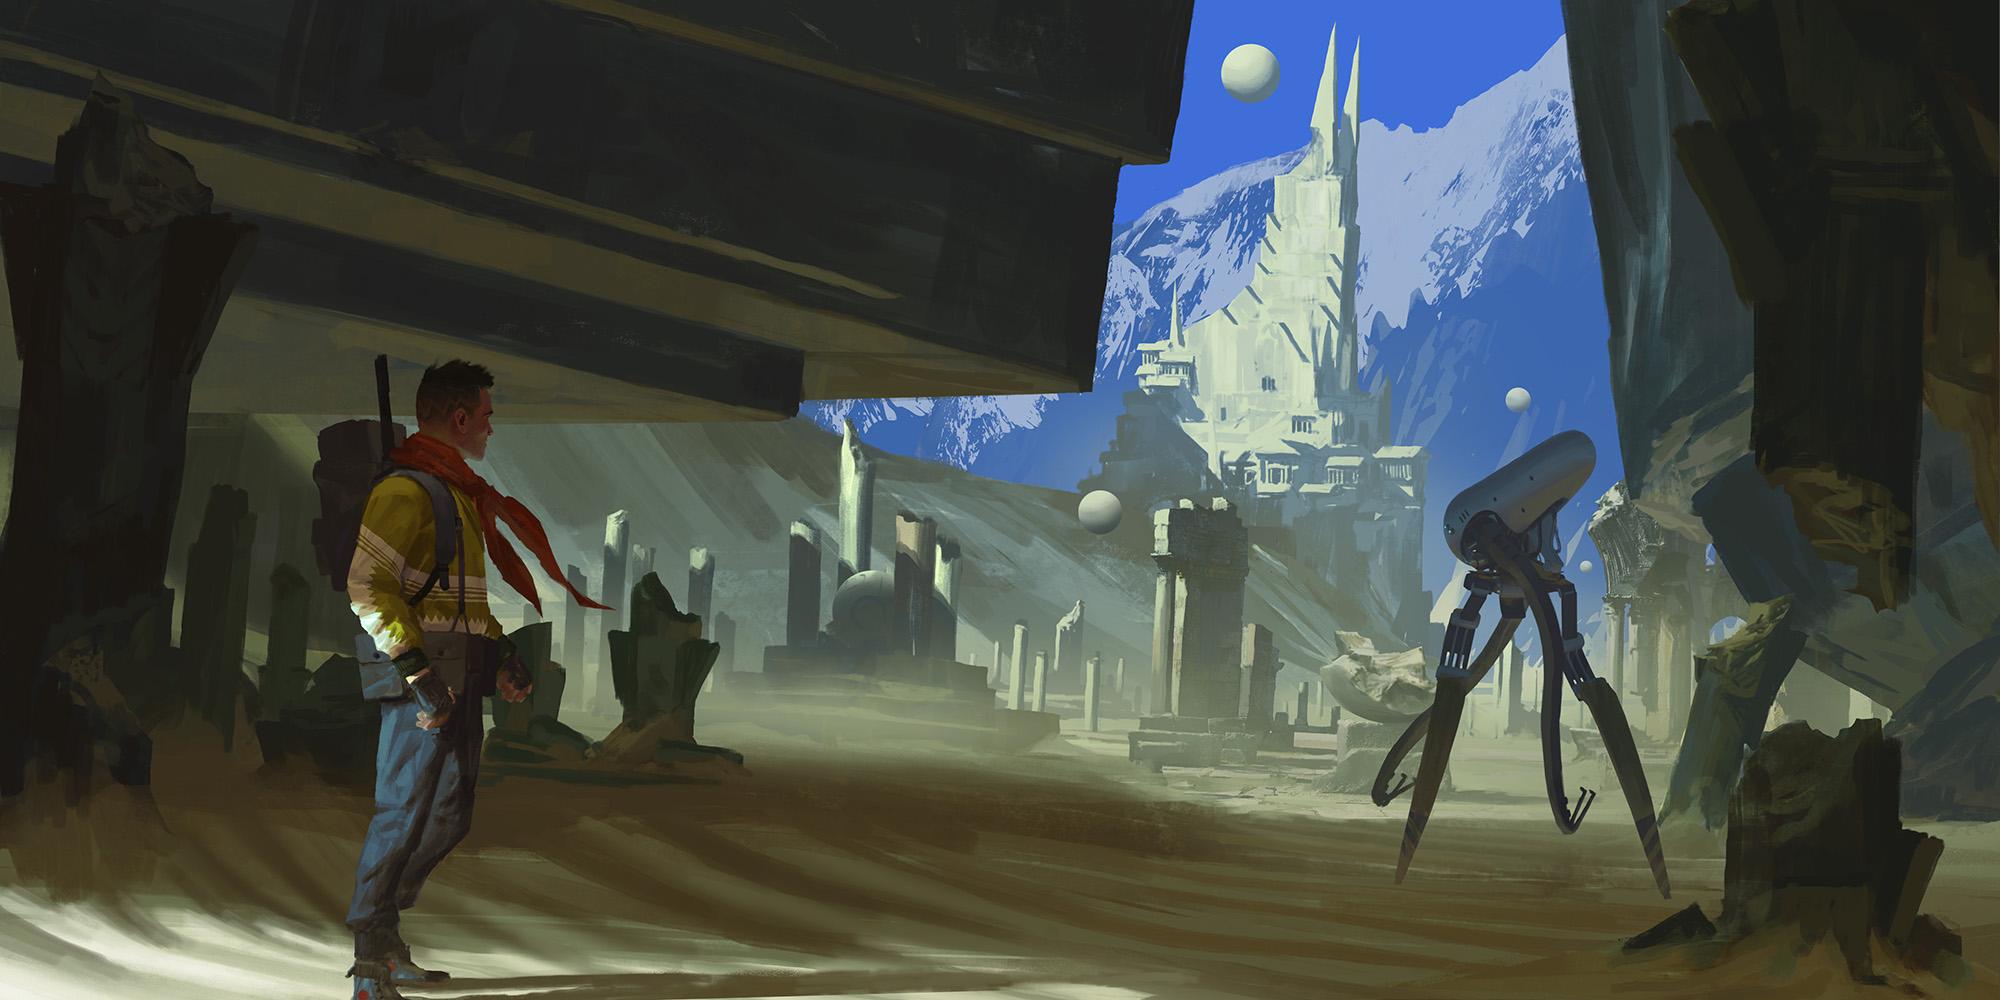 desertsketch_003